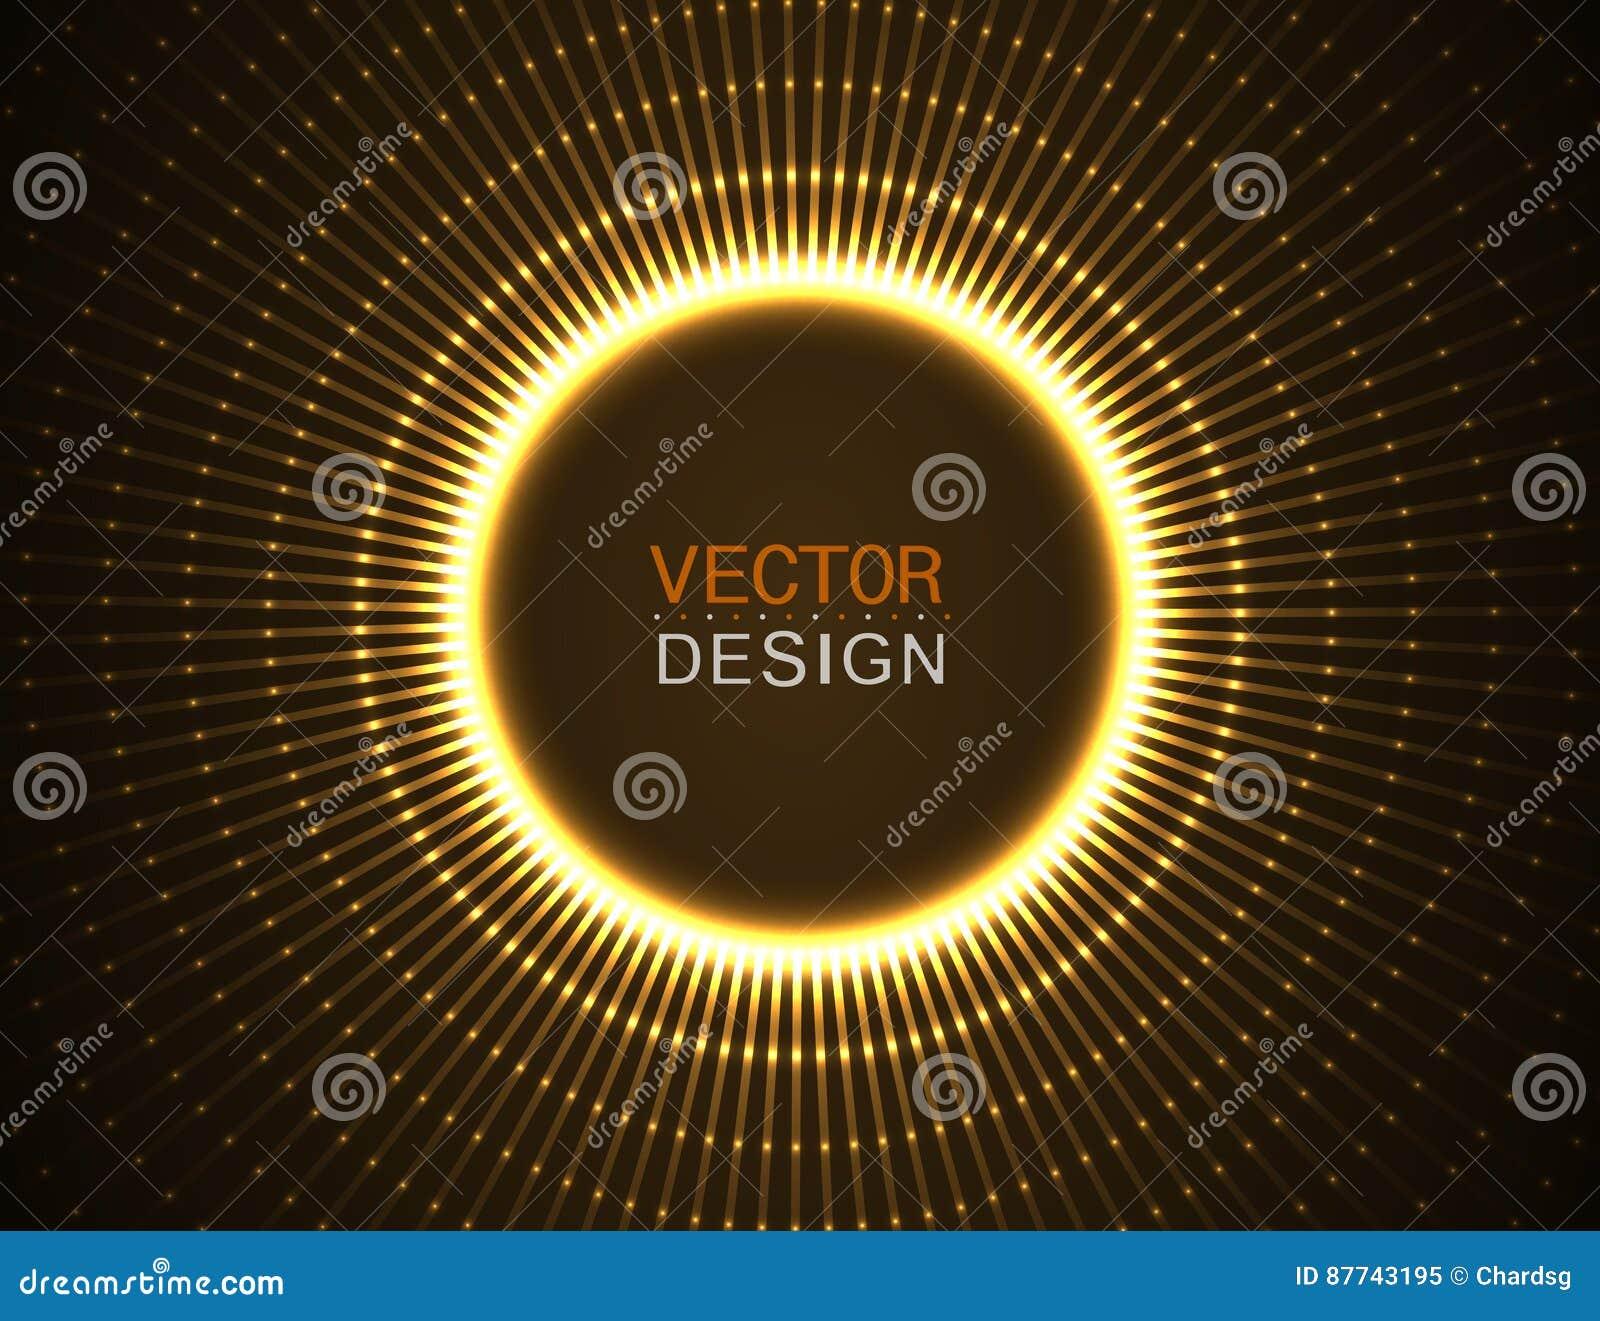 与蓝线的圈子光线影响 抽象背景 向量图形设计